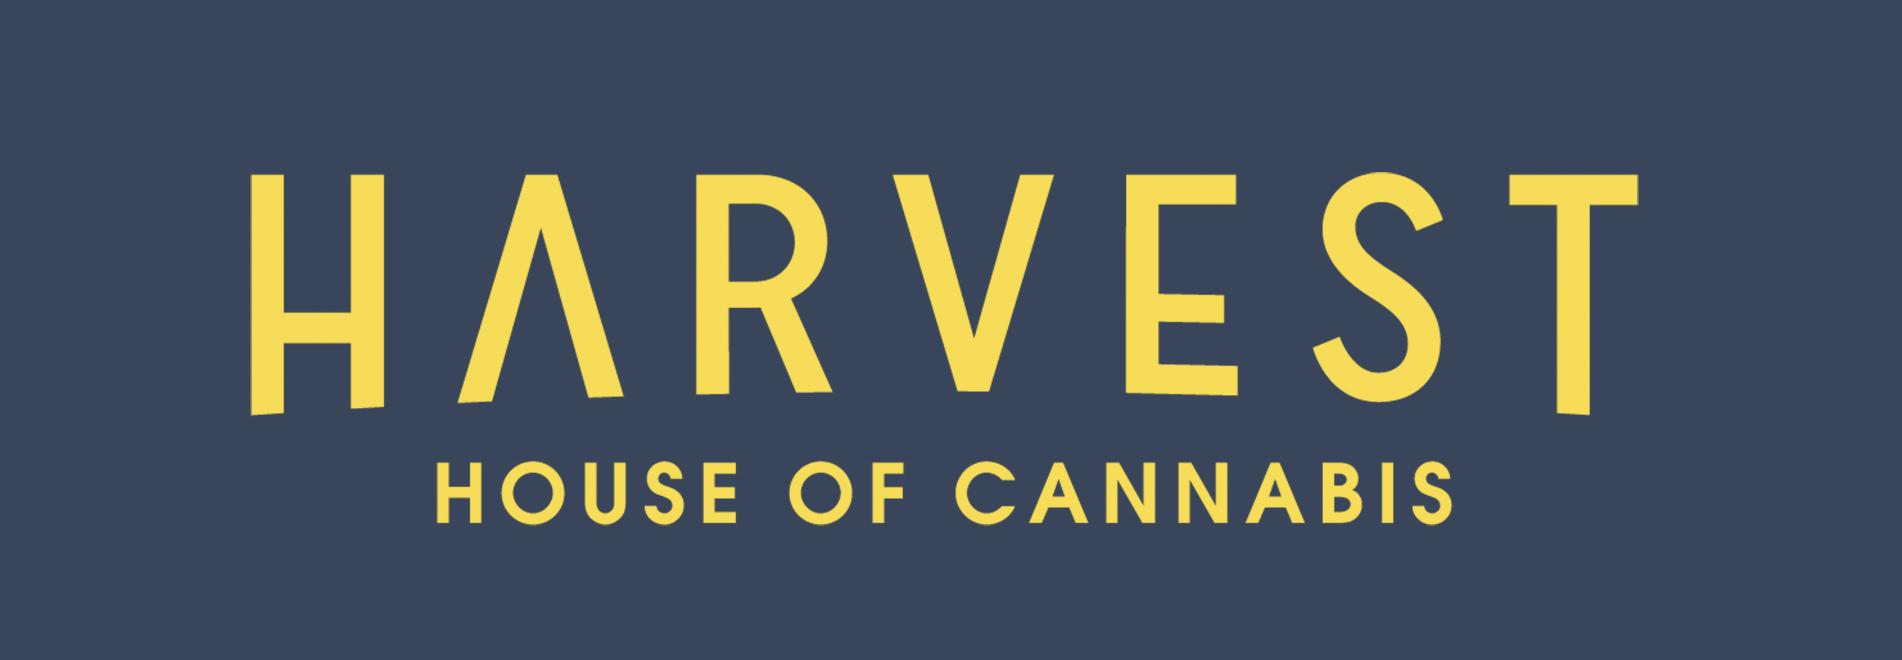 Harvest House of Cannabis